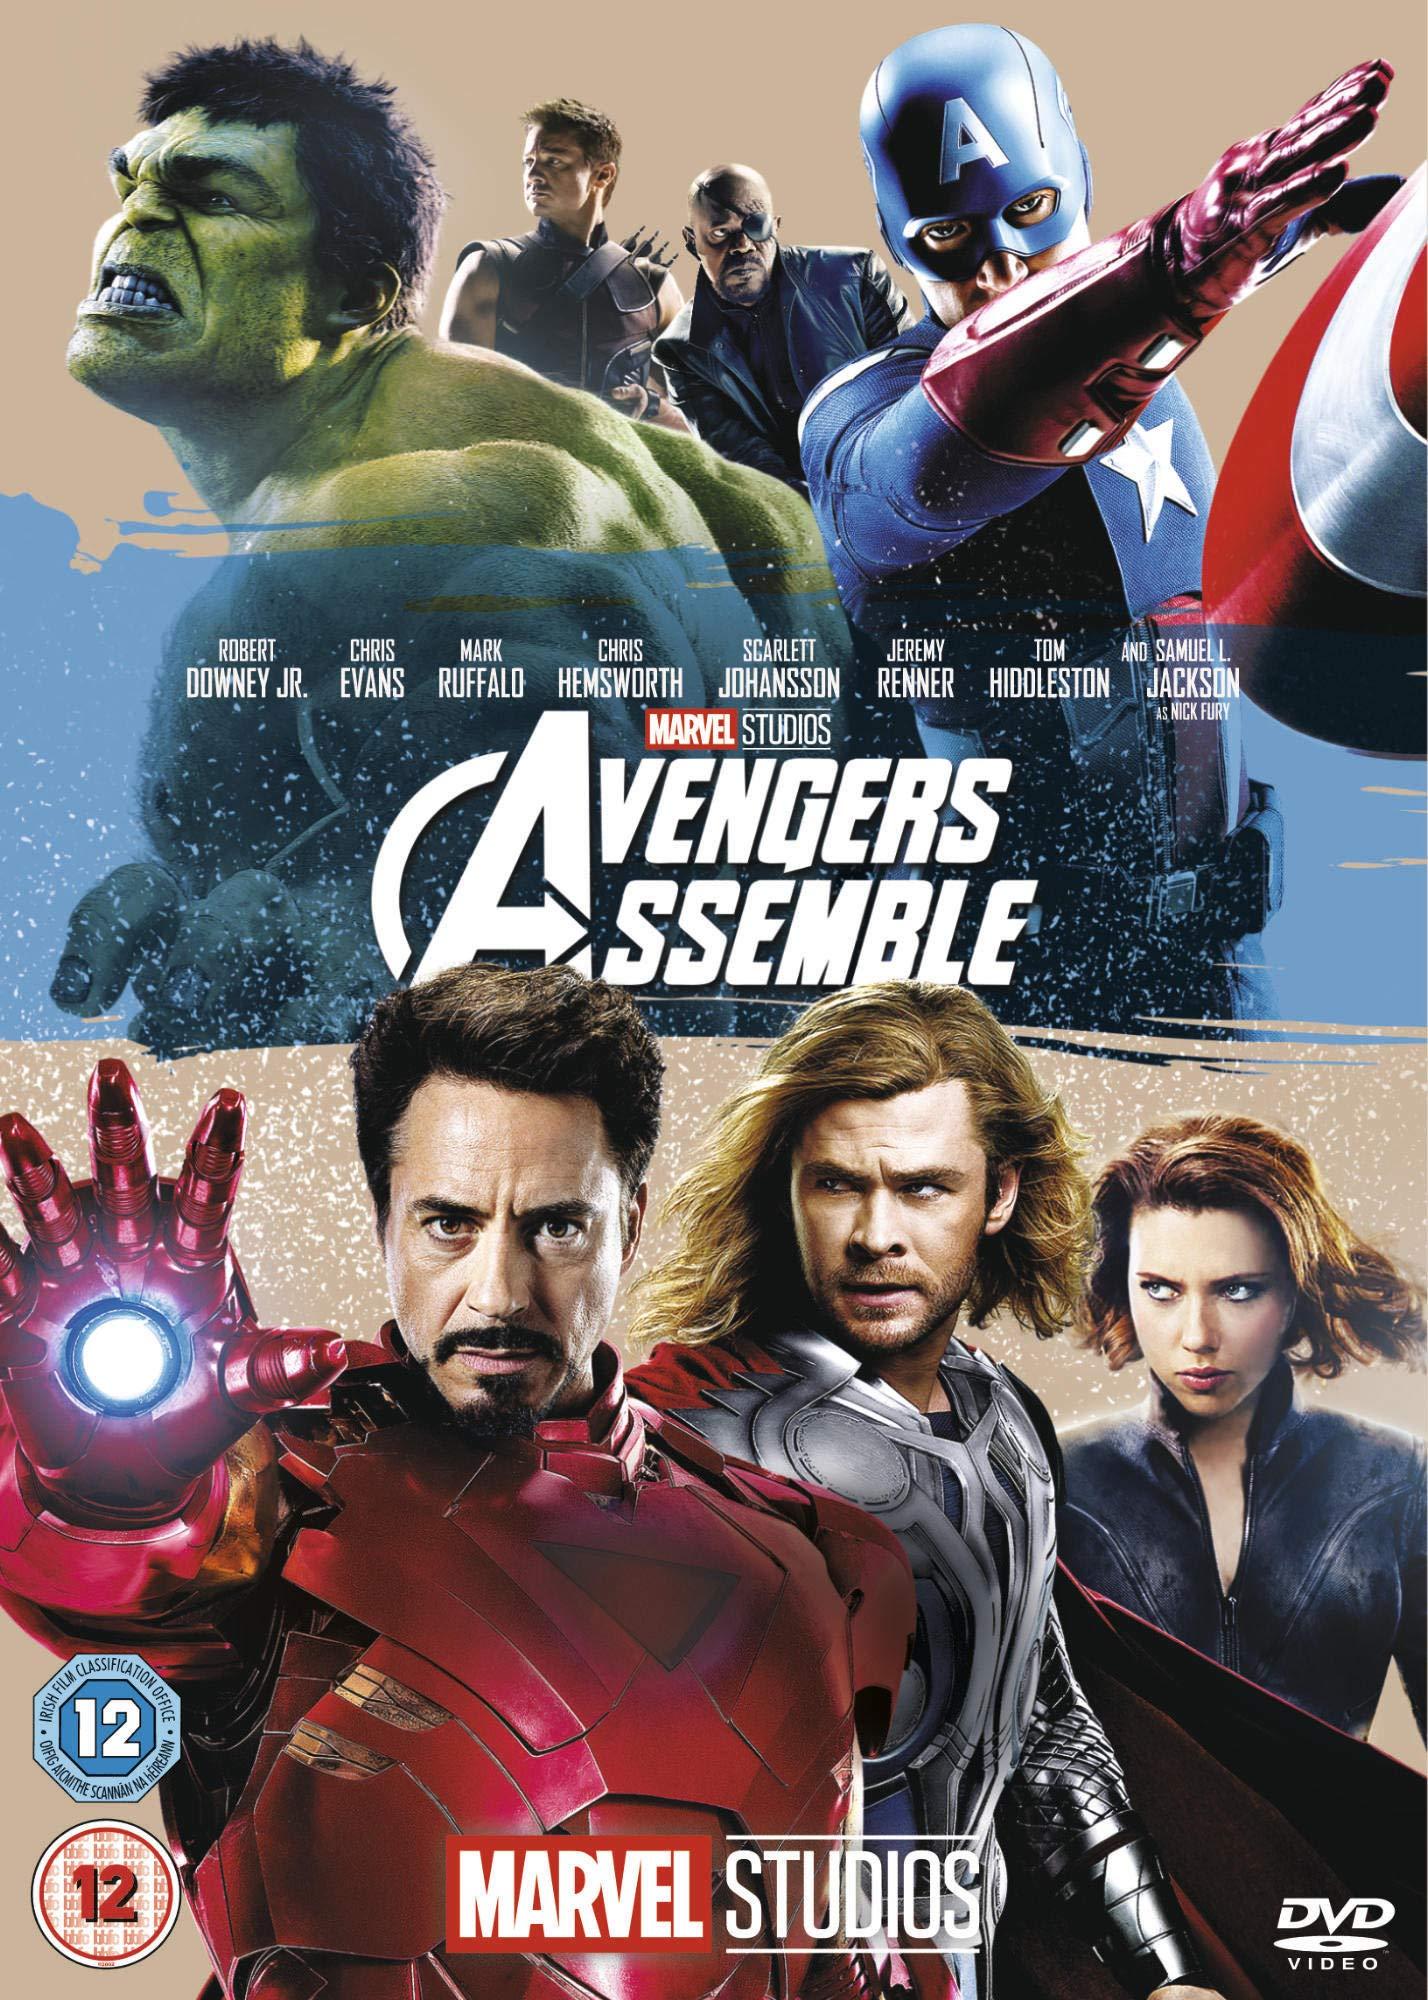 Marvel Cinematic Universe film 6 - Marvel's The Avengers / Avengers Assemble